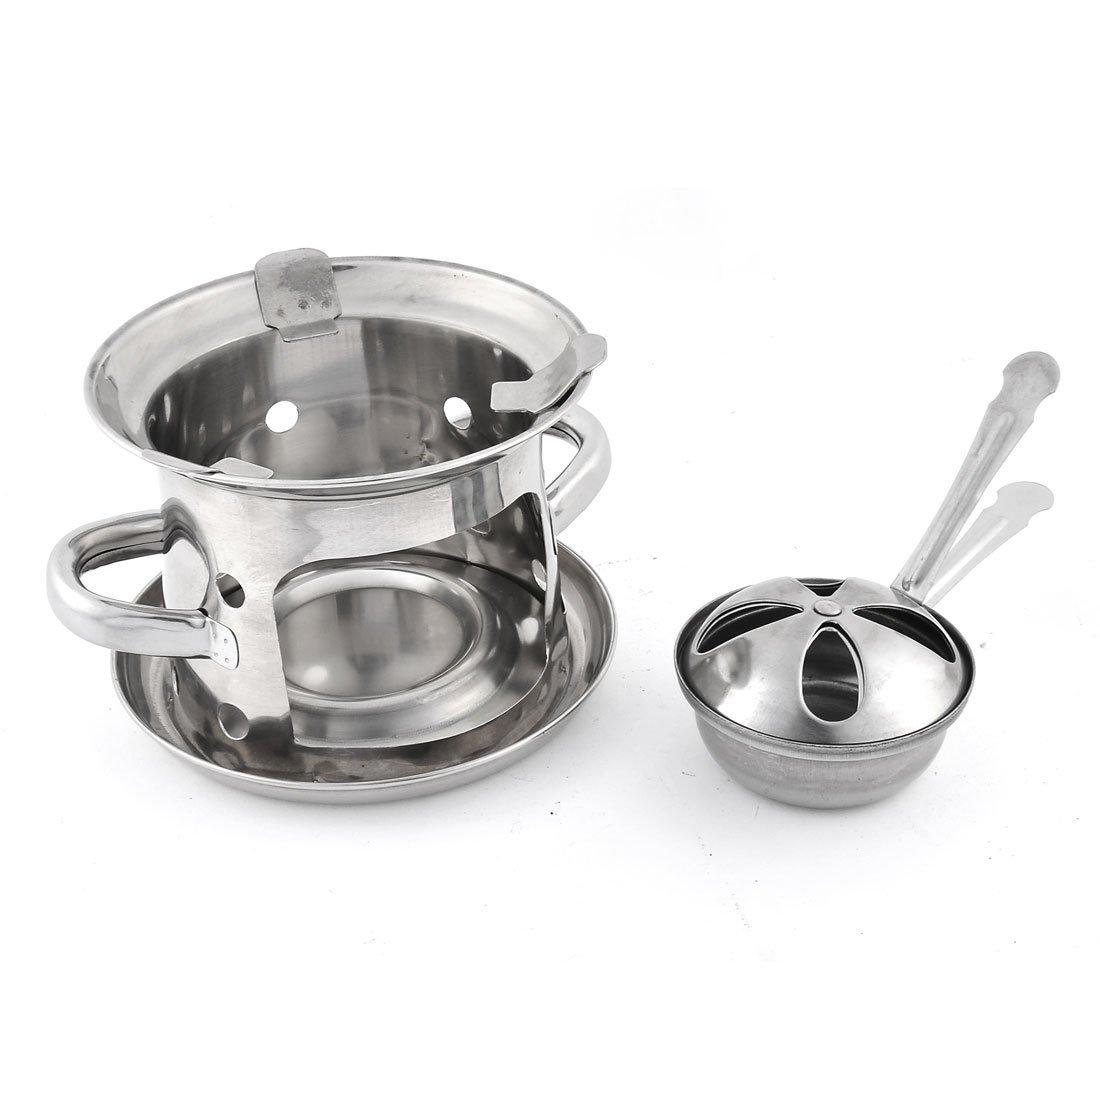 Amazon.com: eDealMax acero inoxidable de picnic al aire libre Senderismo Espíritu estufa de alcohol Quemadores tono de plata: Kitchen & Dining